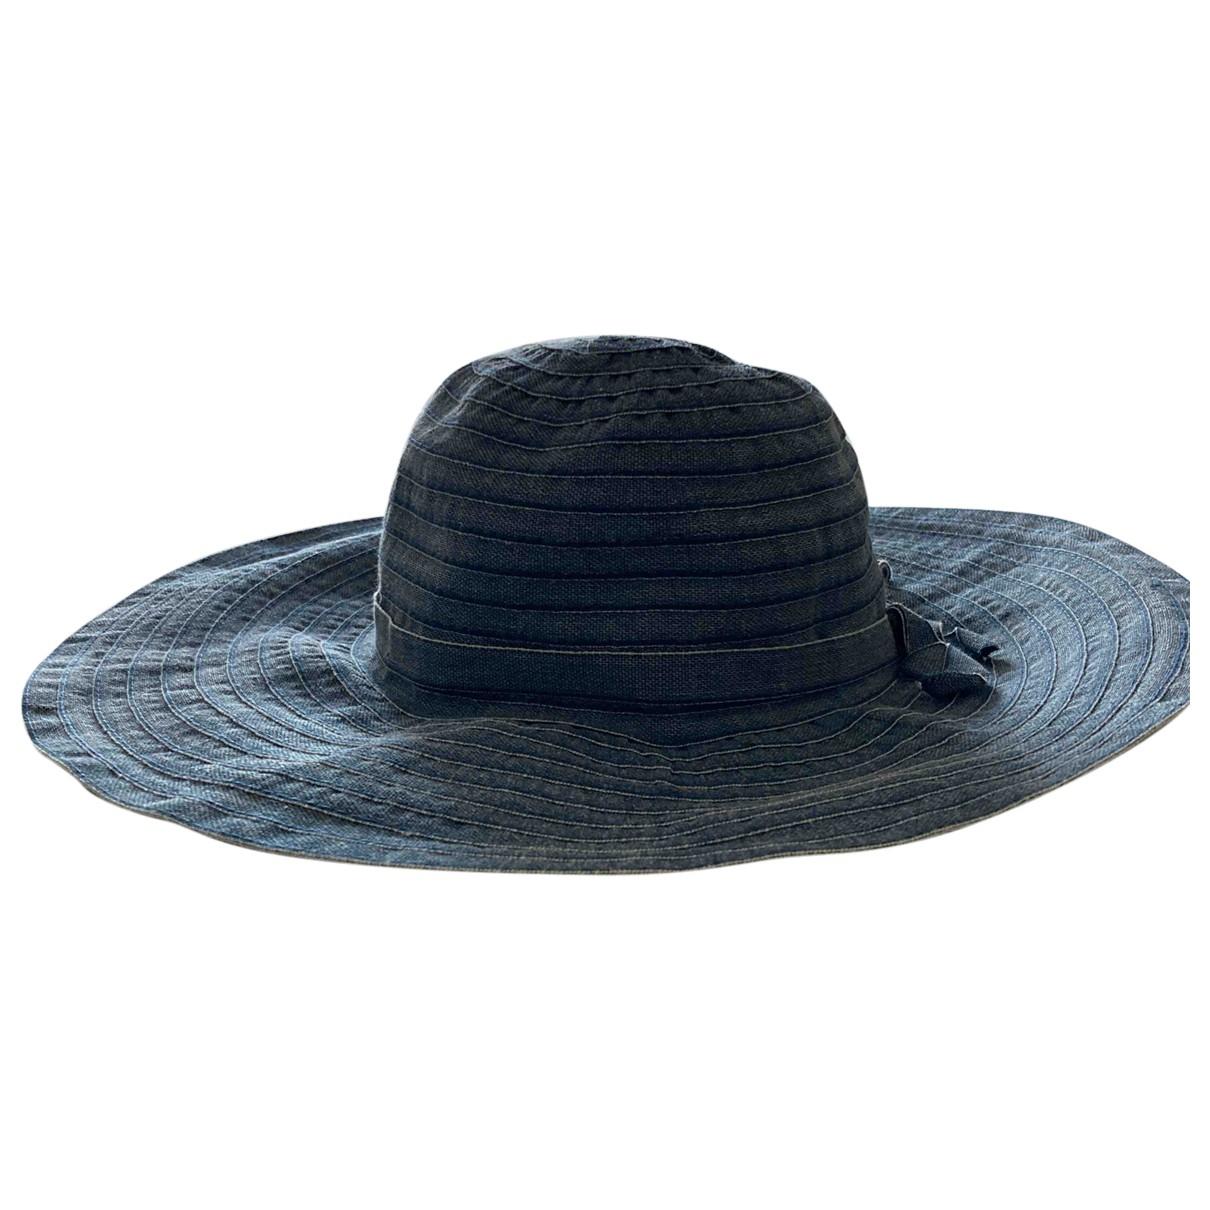 Furla N Blue hat for Women 59 cm